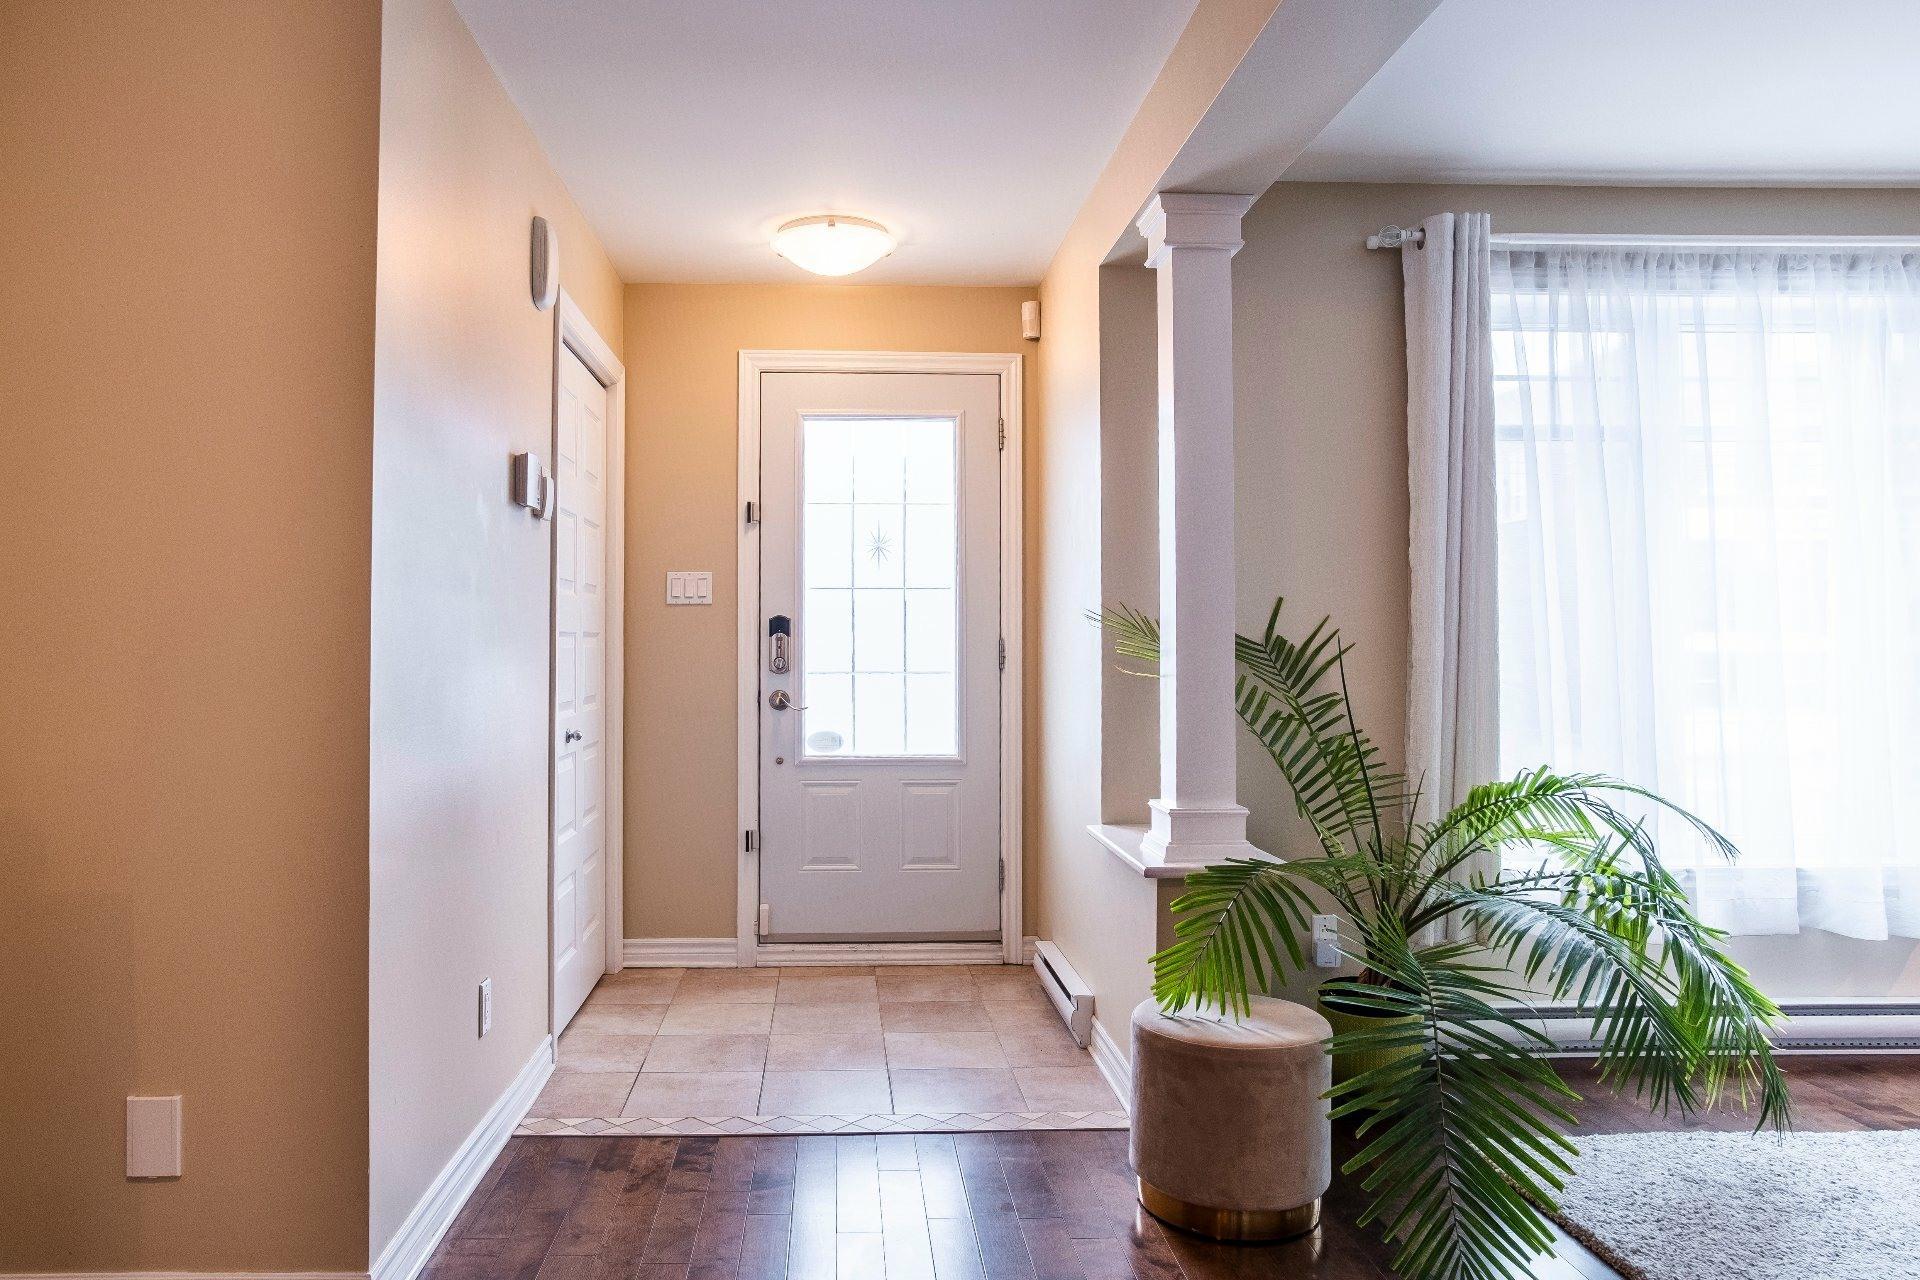 image 2 - Appartement À vendre Lachine Montréal  - 9 pièces